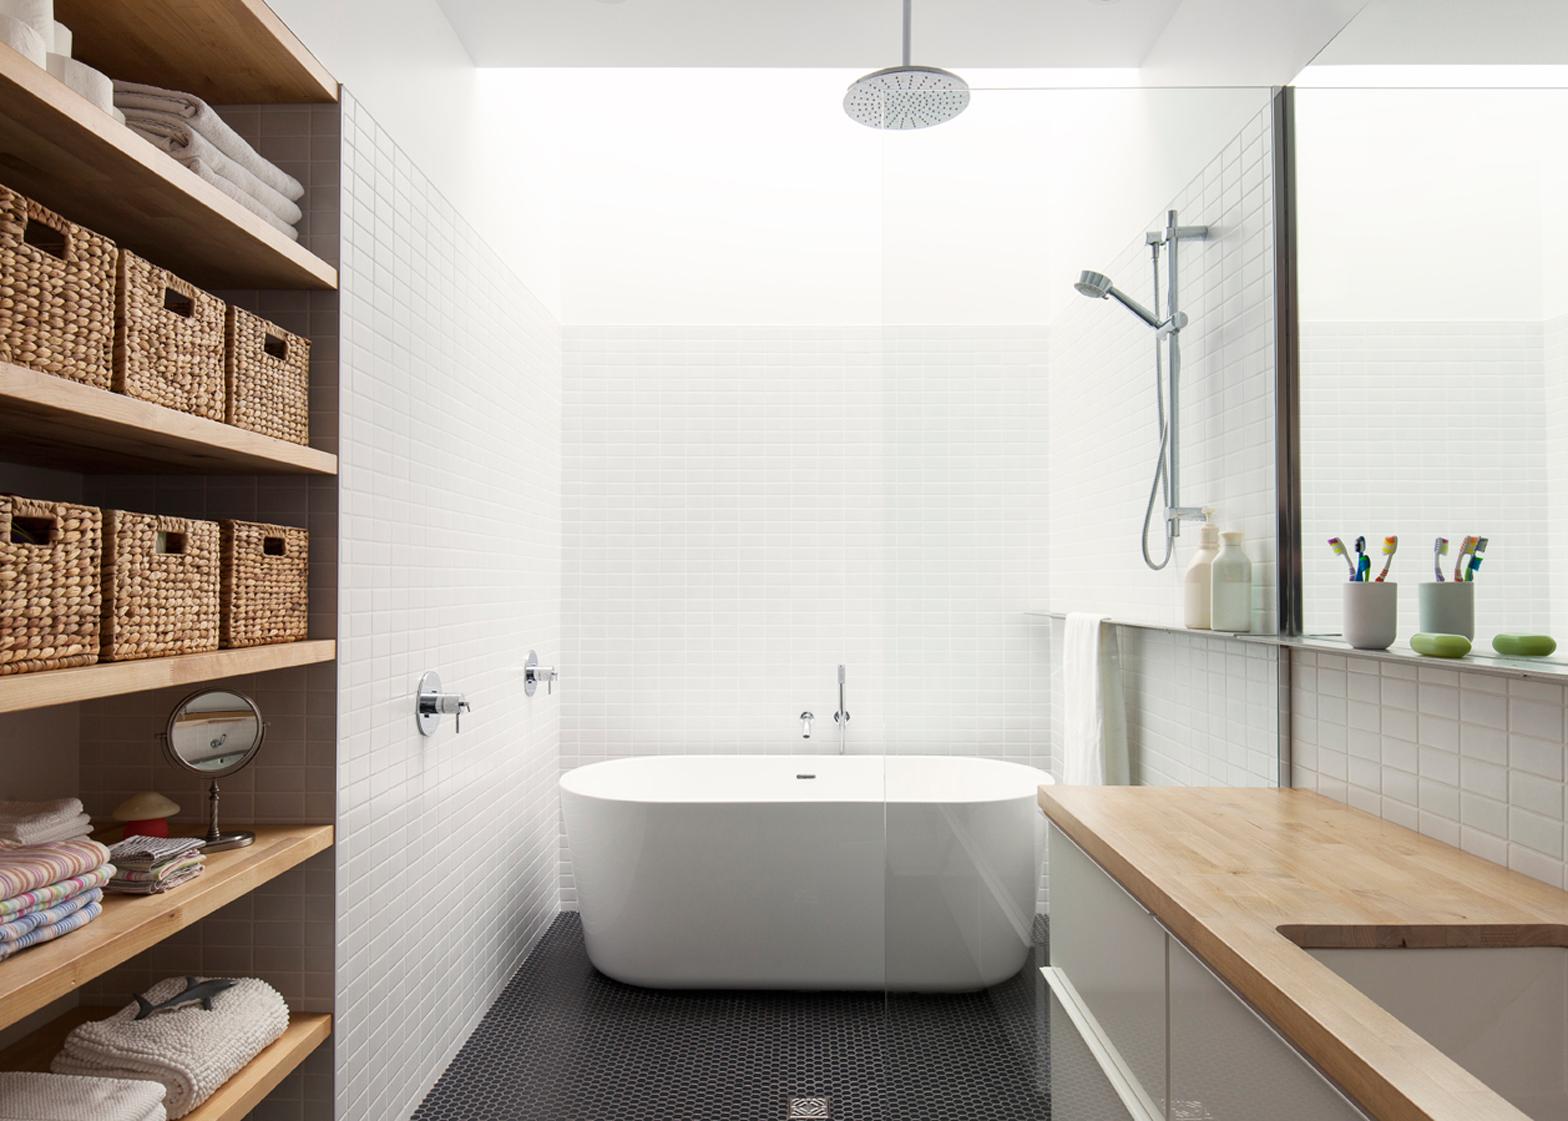 10 of the most popular bathrooms on Dezeen's Pinterest boards